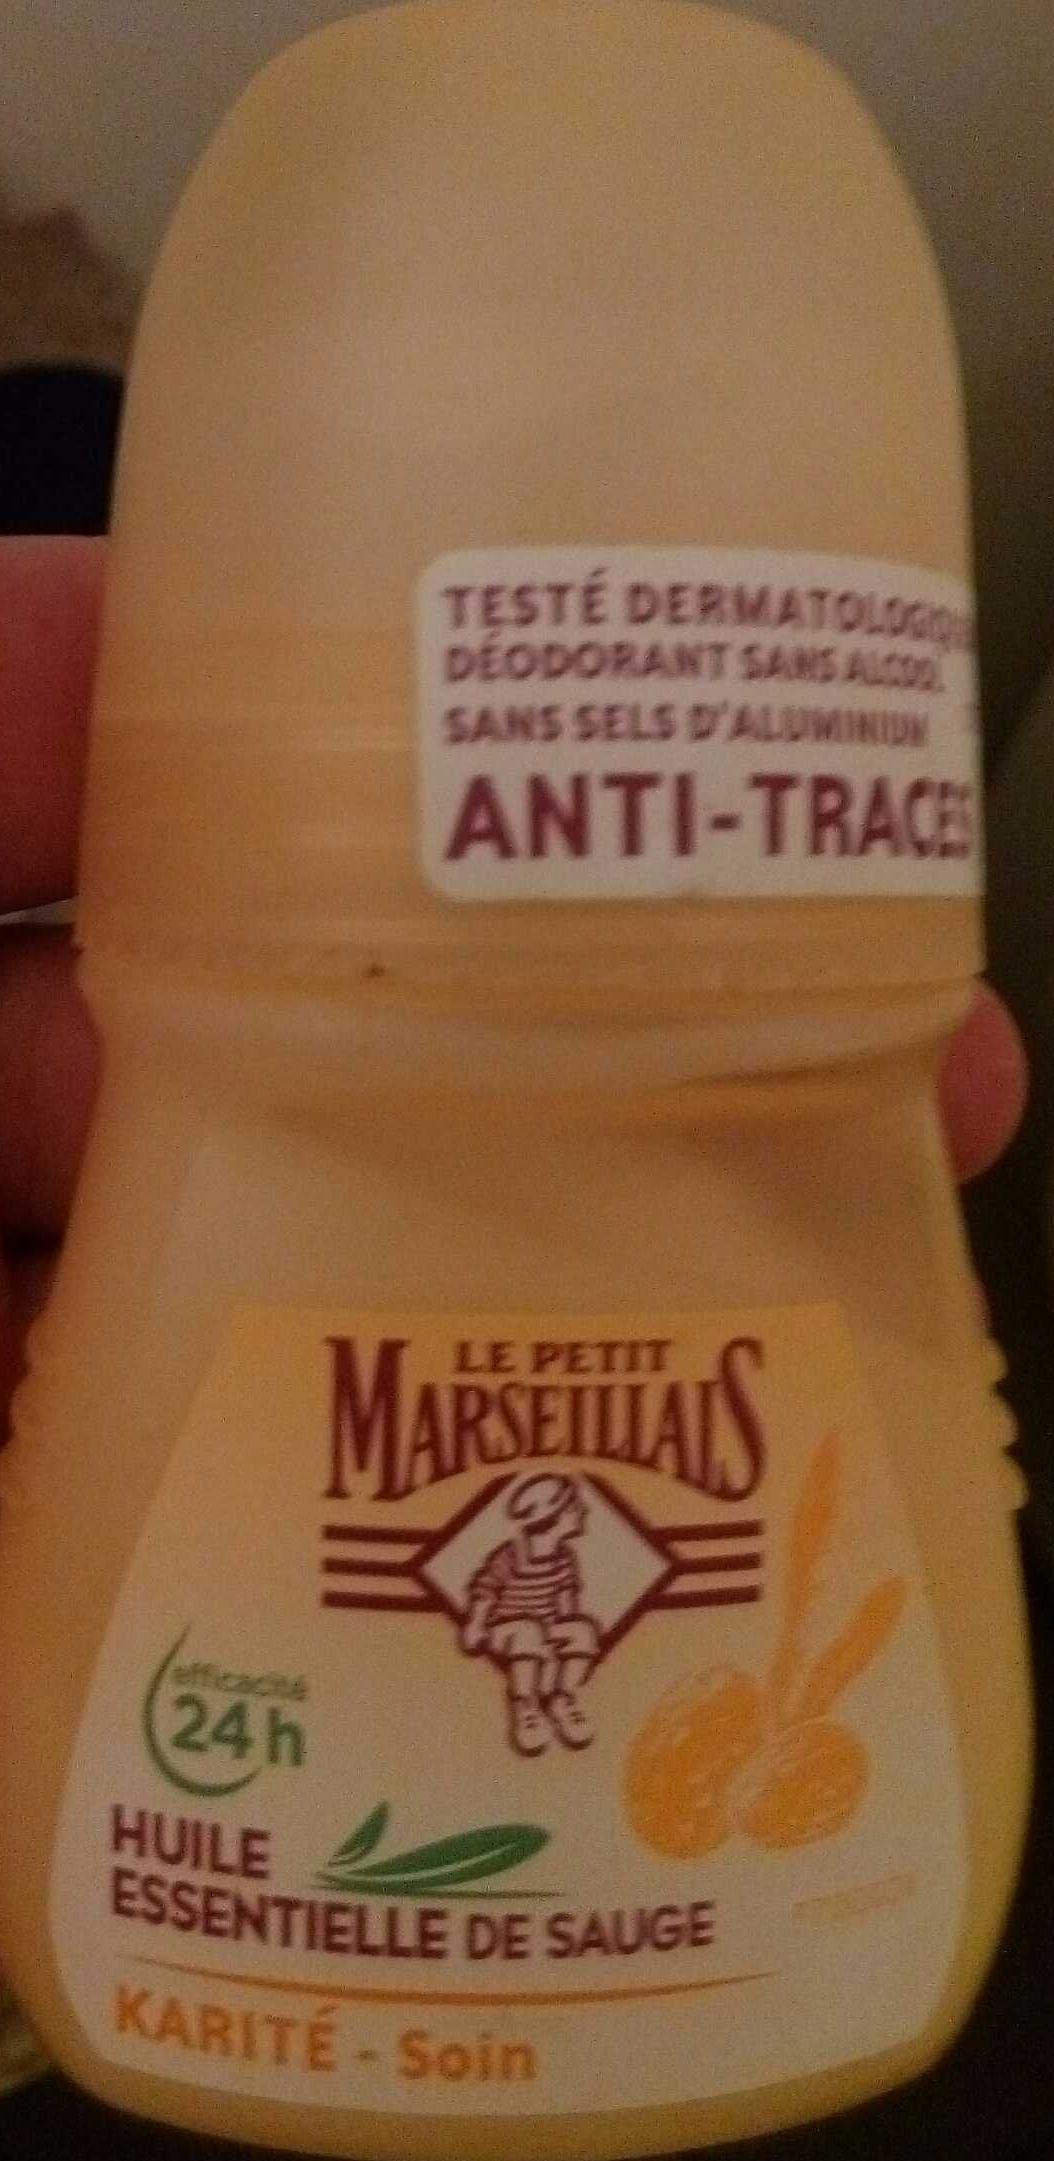 Déodorant Huile essentielle de Sauge - Karité Soin - Produit